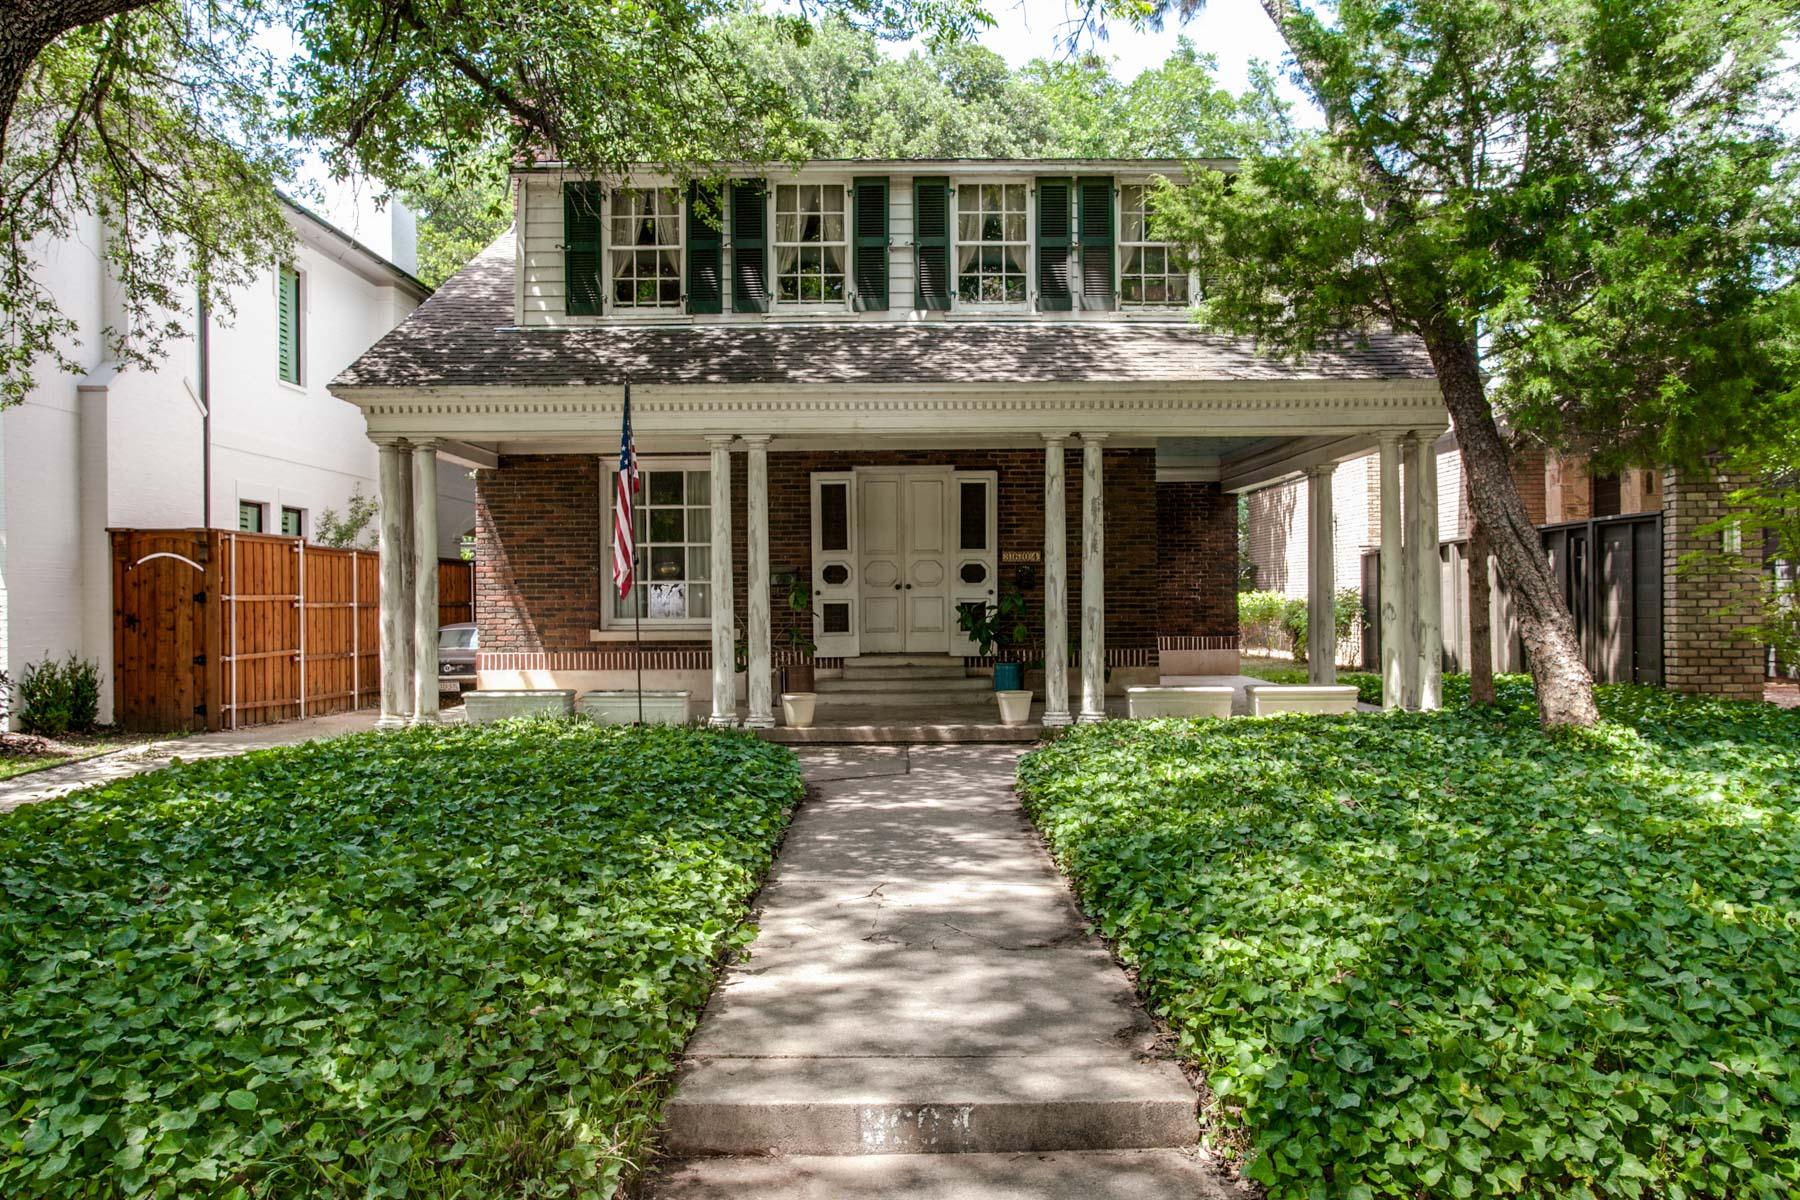 Moradia para Venda às Great Location for Redo or Lot 3604 Harvard Avenue Dallas, Texas, 75205 Estados Unidos